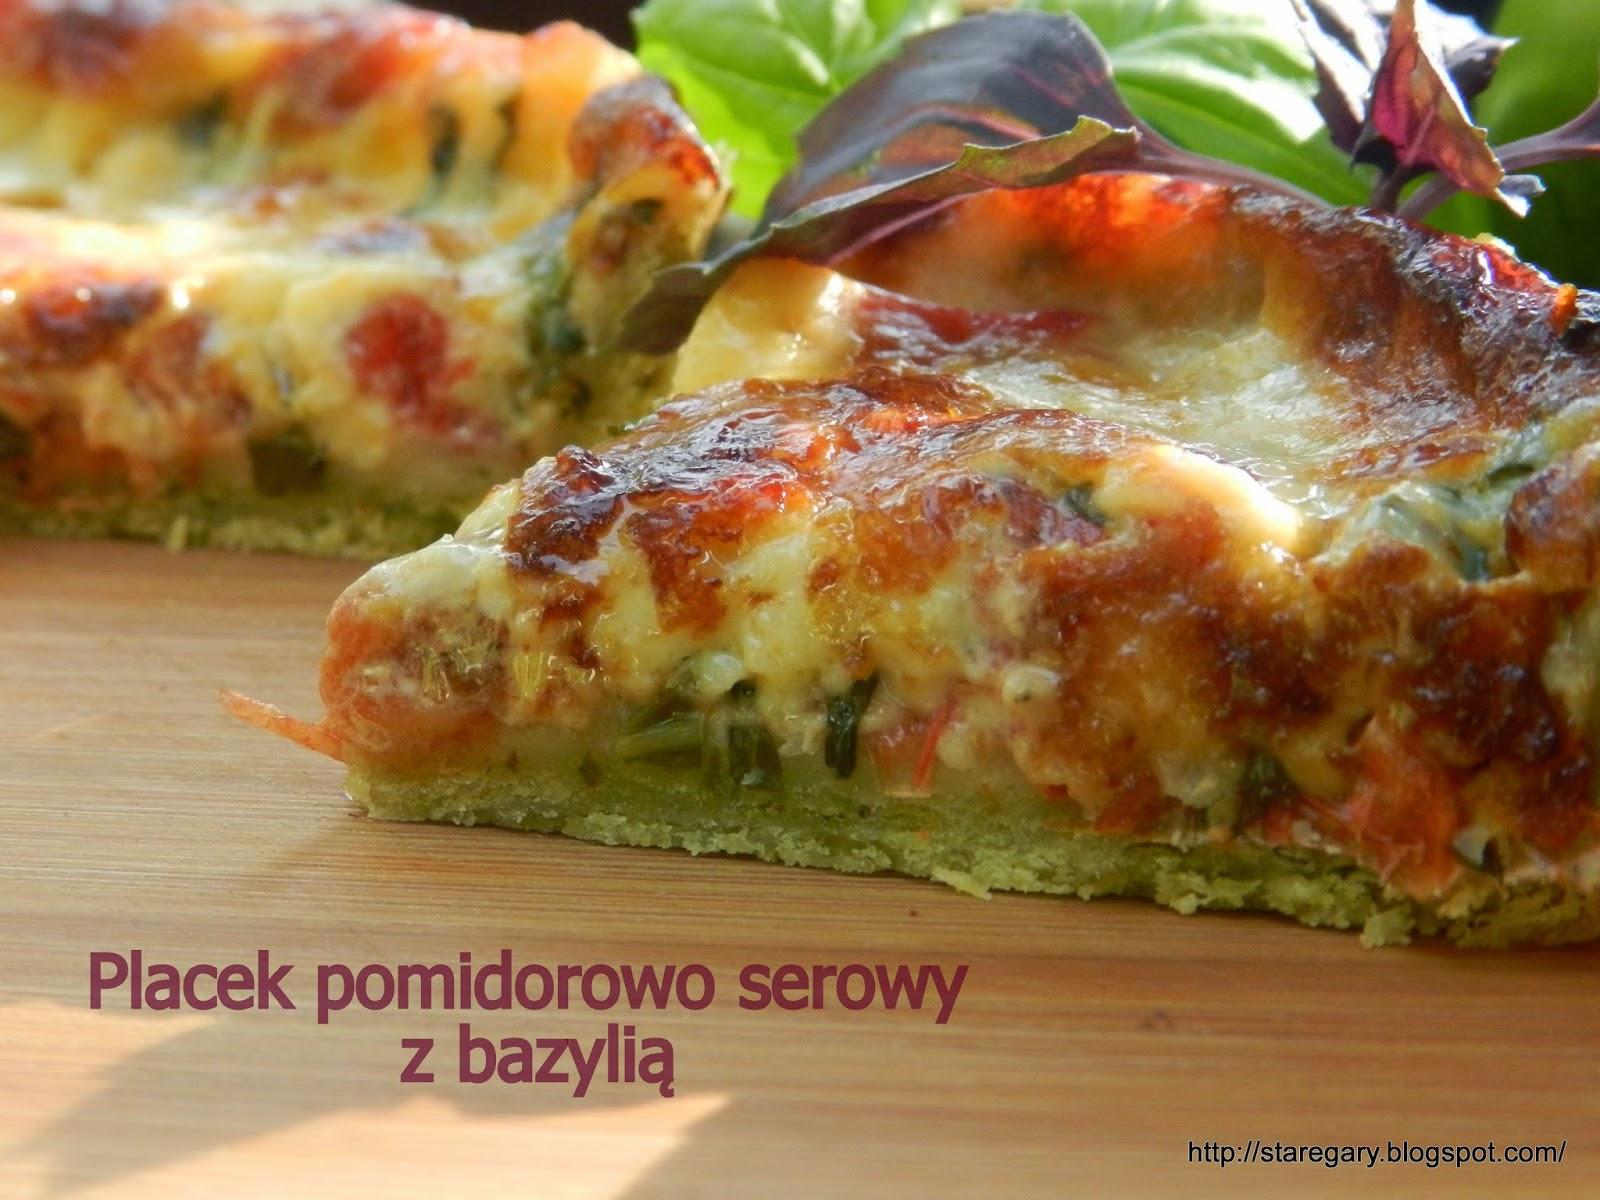 Placek pomidorowo serowy z bazylią